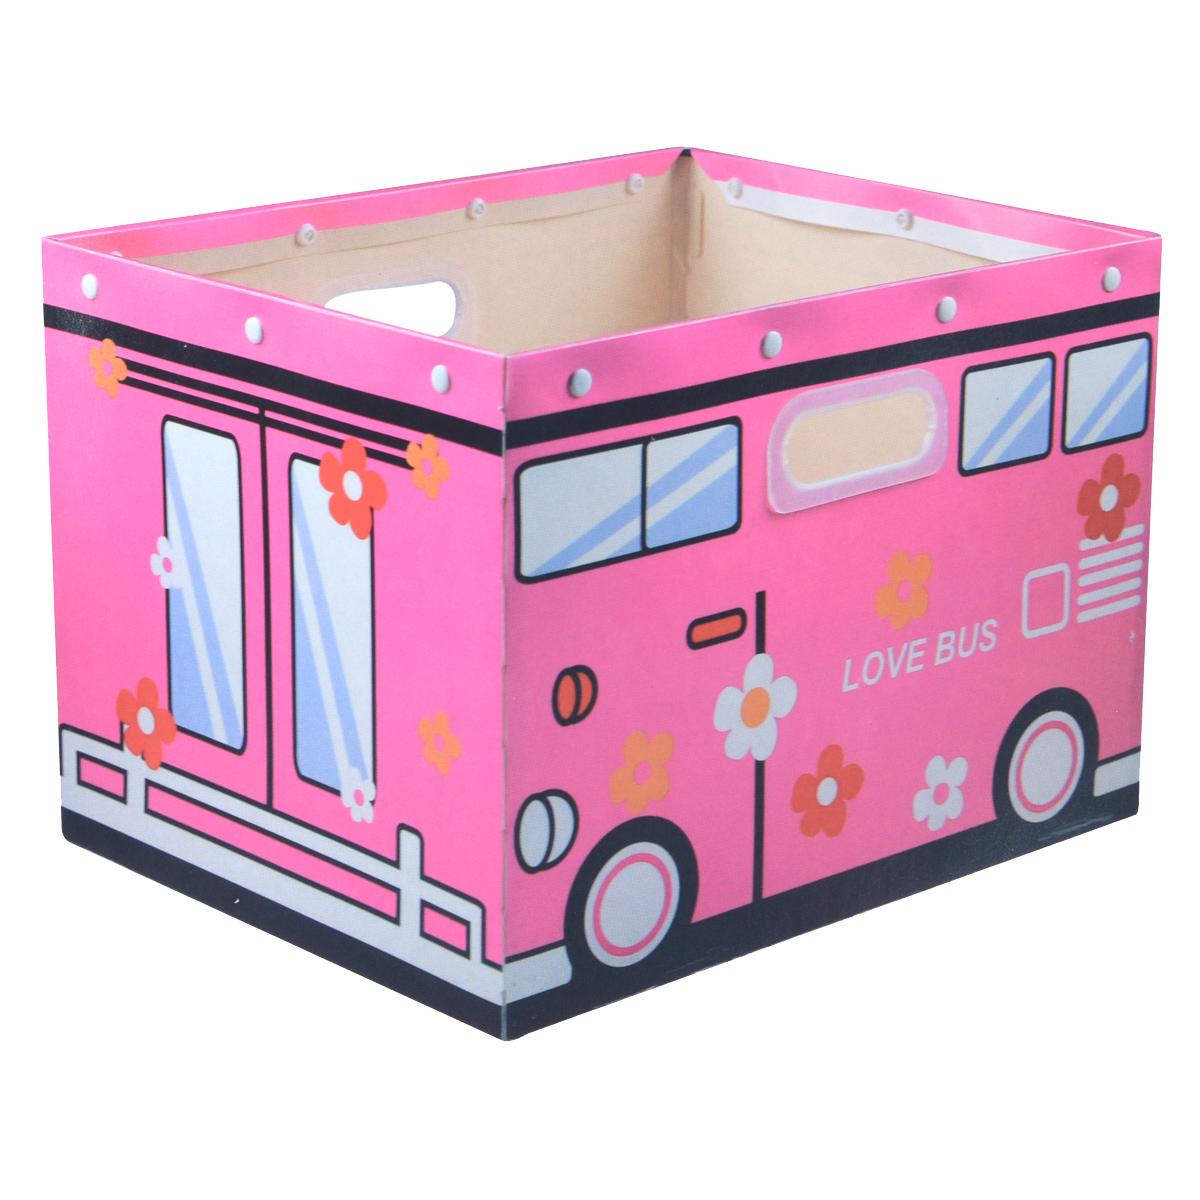 Коробка для хранения House & Holder Love Bus, цвет: розовый, 38 х 30 х 27 смDB-59Декоративная коробка для хранения House & Holder Love Bus изготовленная в виде замечательного автобуса, станет незаменимым помощником для всех членов семьи, но особенно для детей. Благодаря ее универсальности в ней можно хранить самые разнообразные вещи: от предметов домашнего обихода до детских игрушек и книжек, а плотно прилегающая крышка защитит их от влаги и пыли. Удобные ручки обеспечат комфорт при переноске. Размер коробки: 38 см х 30 см х 27 см.